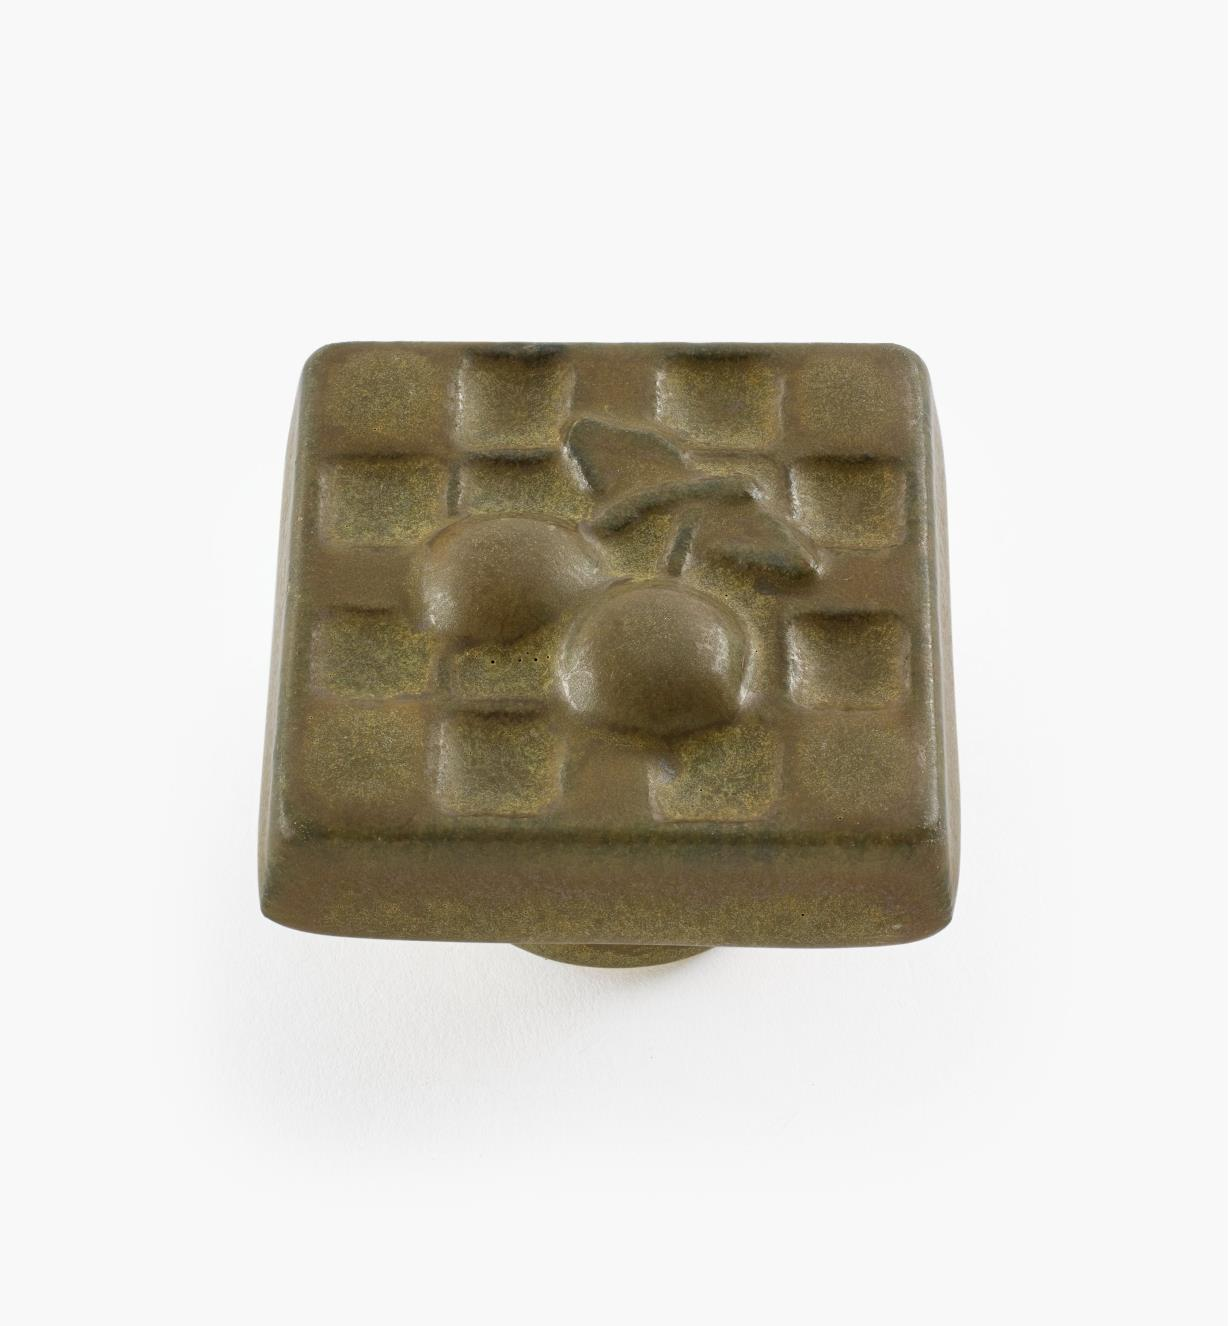 02W1612 - Bouton carré en céramique, brun foncé, 1 9/16 po x 1 po